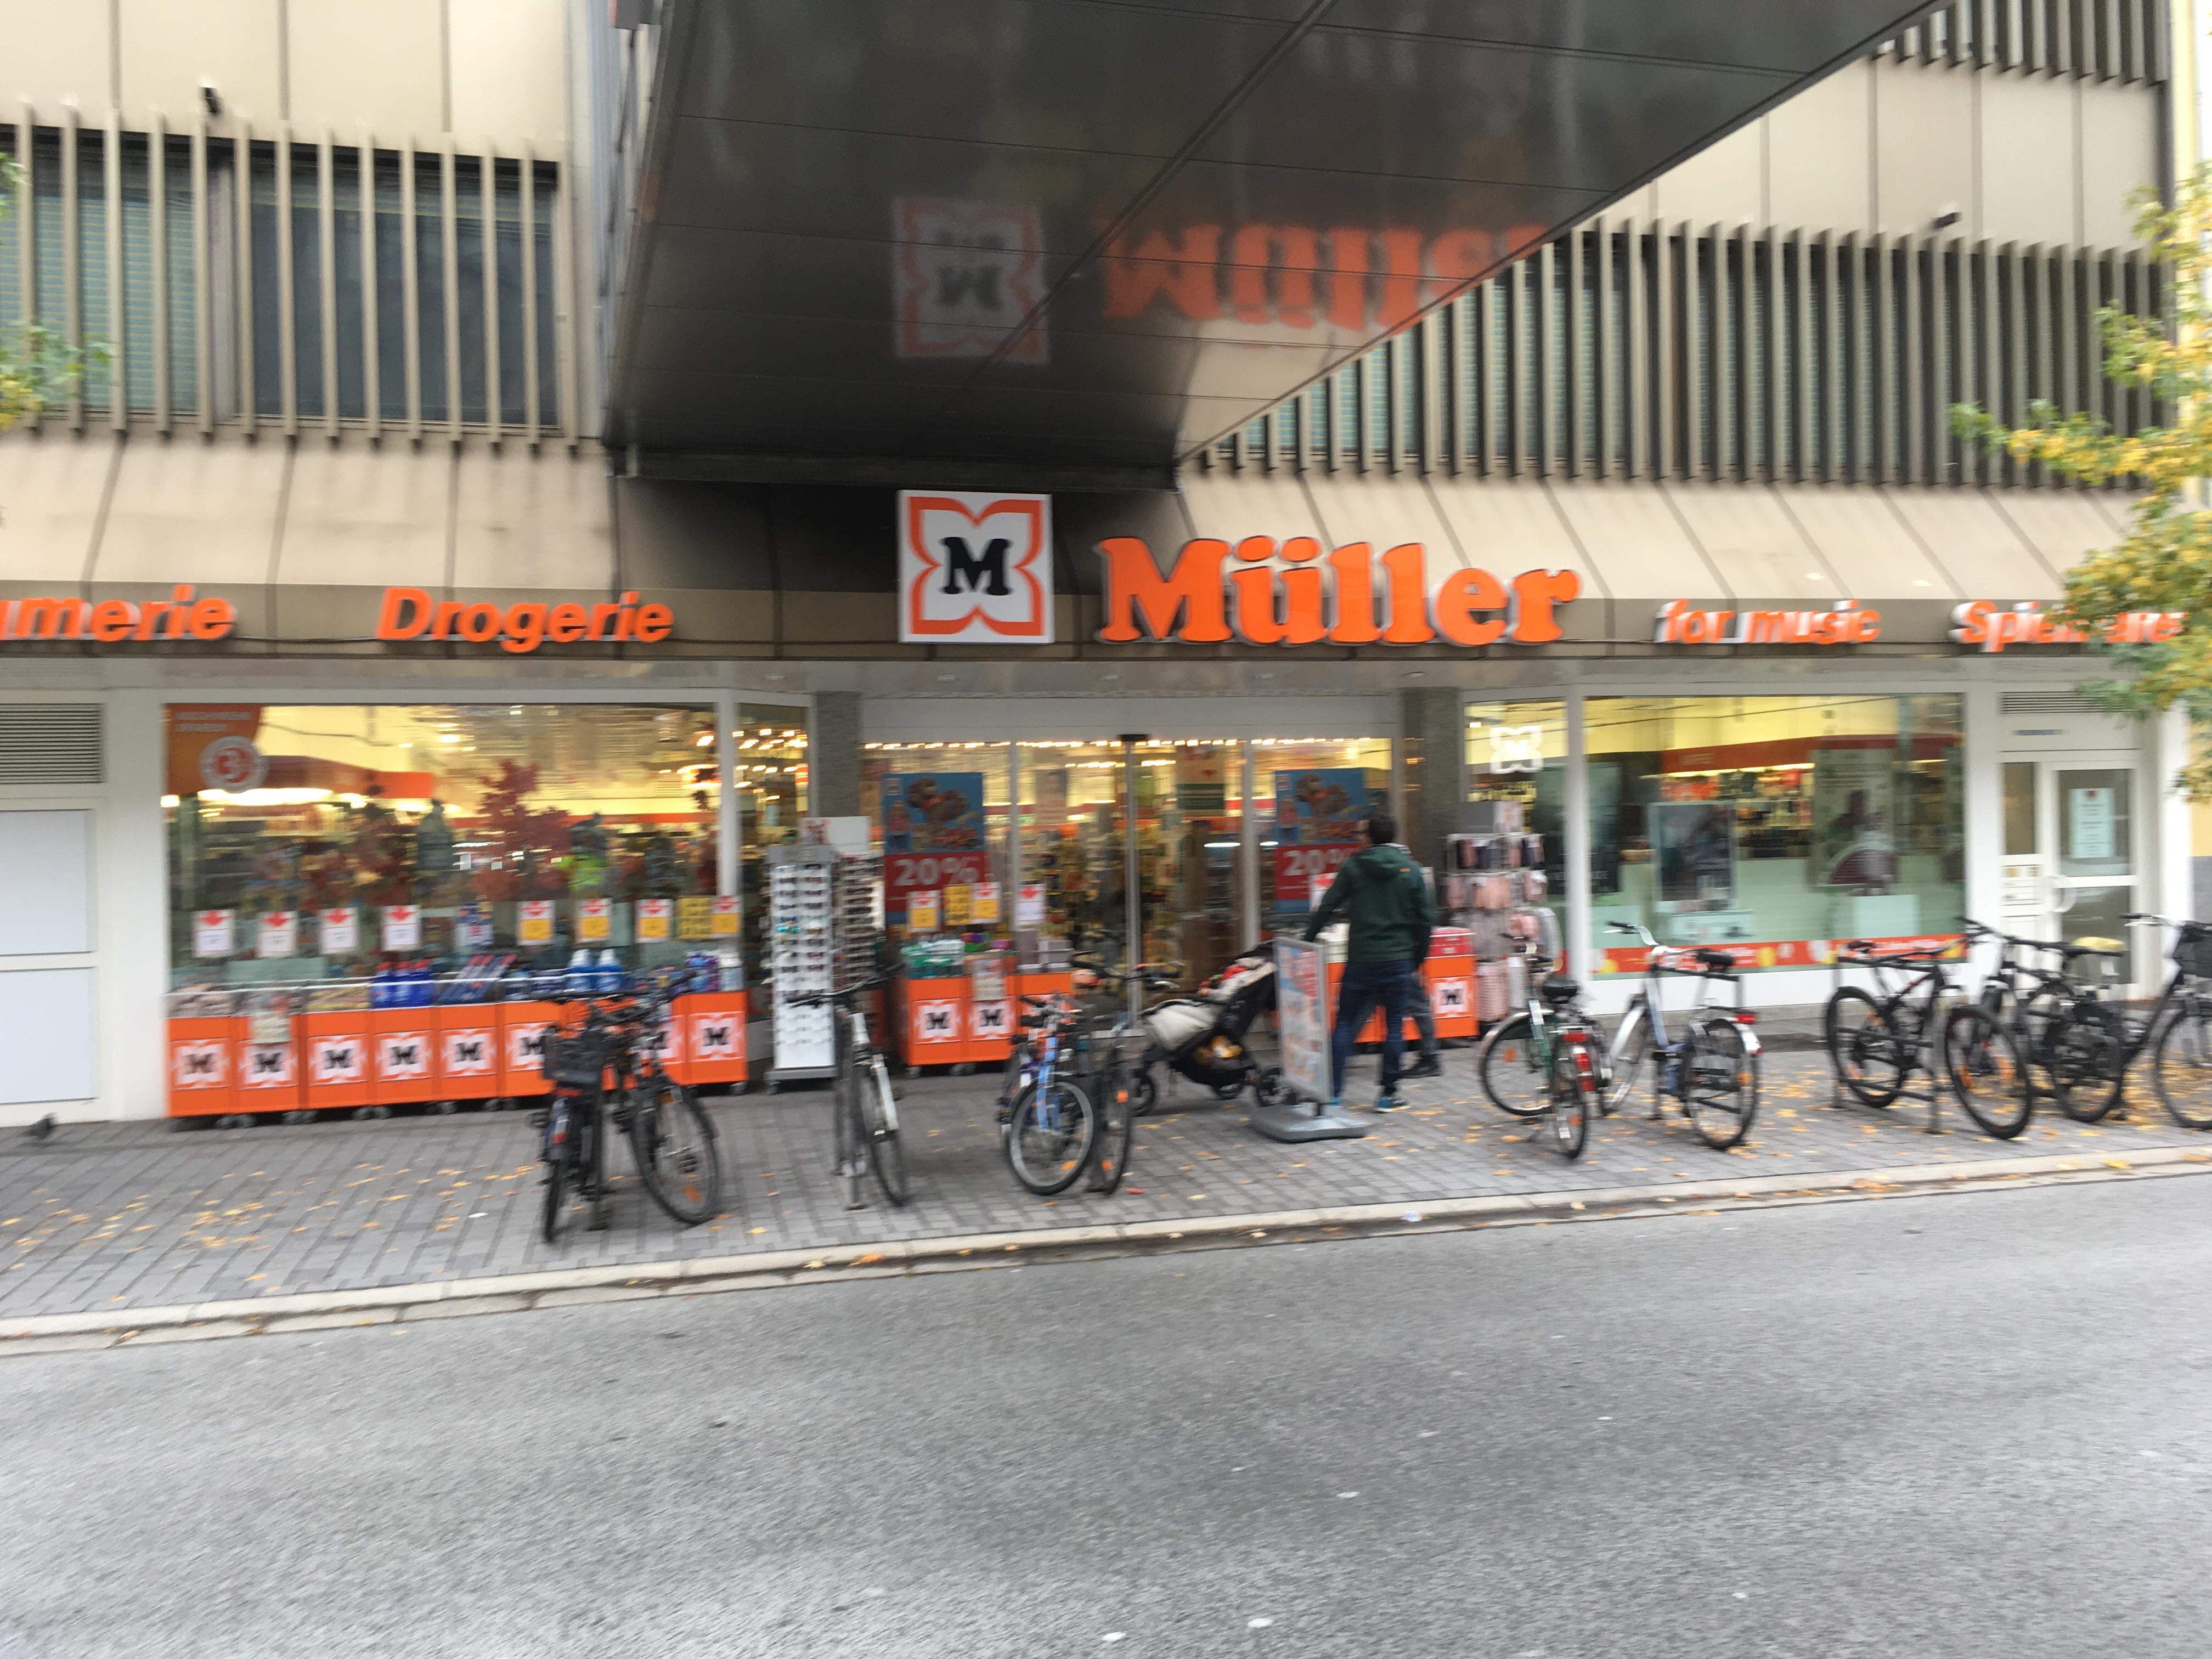 9b11ce20a61084 File:Tübingen-Müller-Drogerie-Friedrichstraße.jpeg - Wikimedia Commons